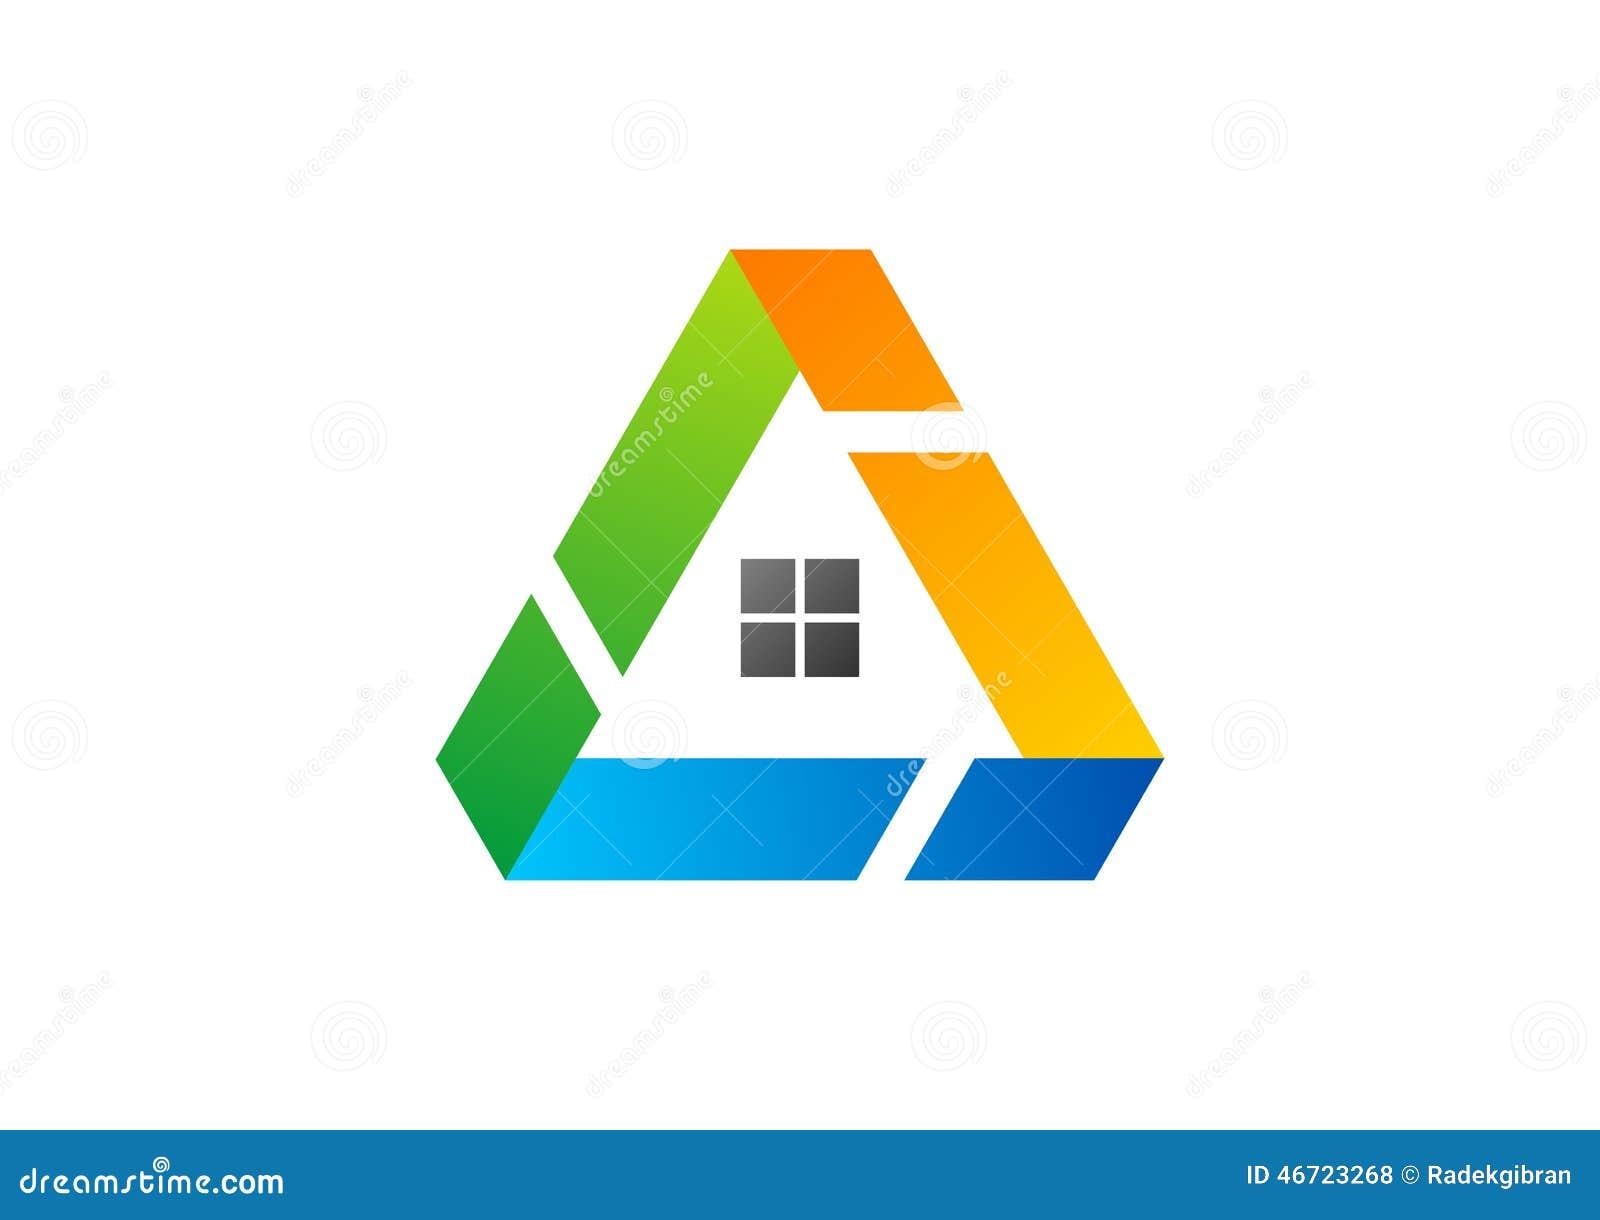 Haus, Dreieck, Logo, Gebäude, Architektur, Immobilien, Haus, Bau ...